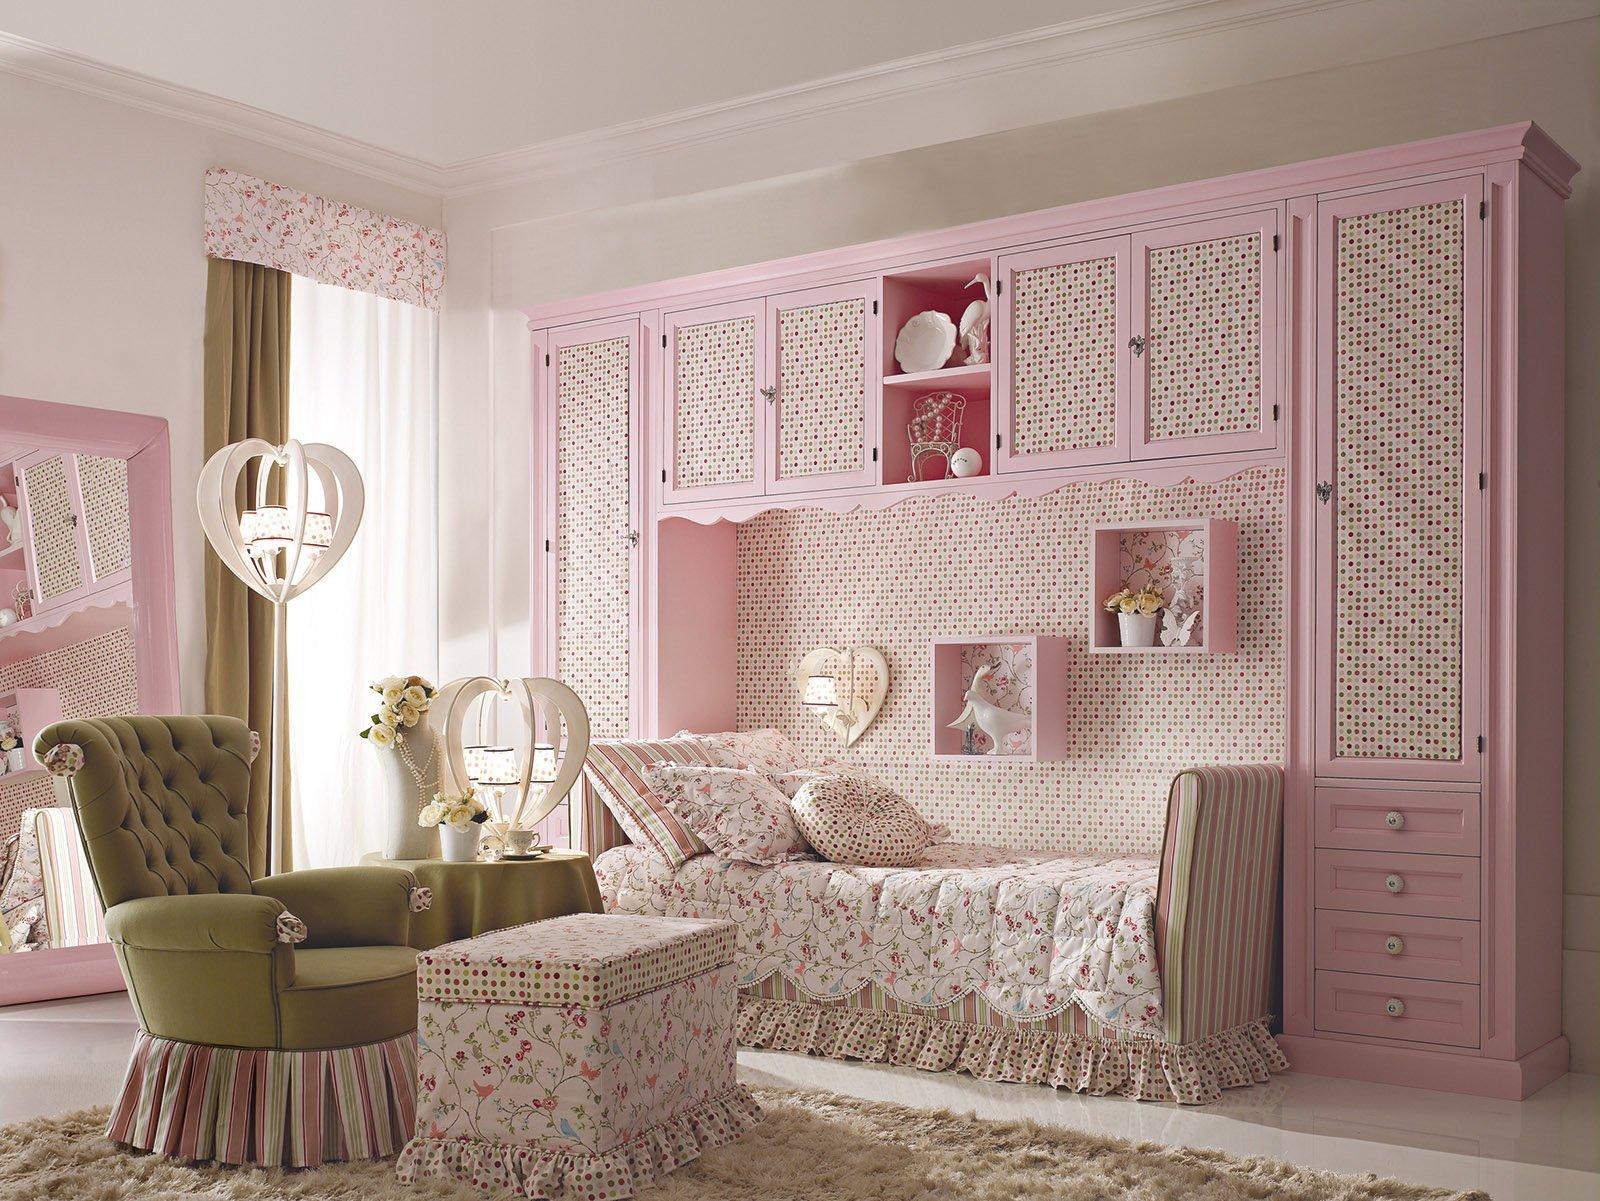 La cameretta romantica di gusto classico cose di casa - Immagini di camerette ...